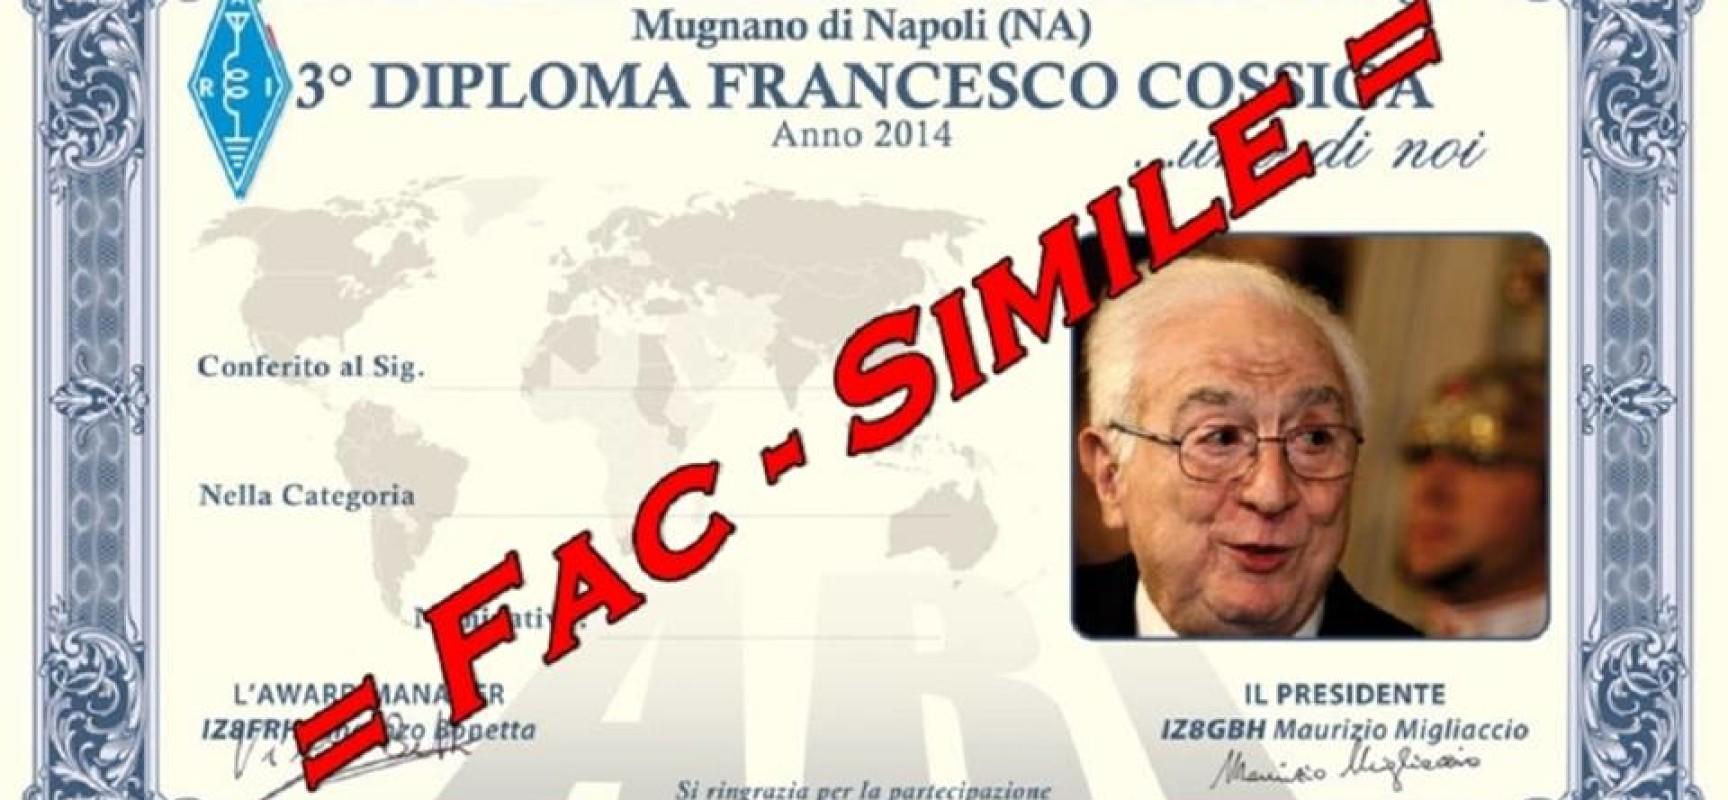 Radioamatori, tutti a raccolta per il diploma Ari Francesco Cossiga